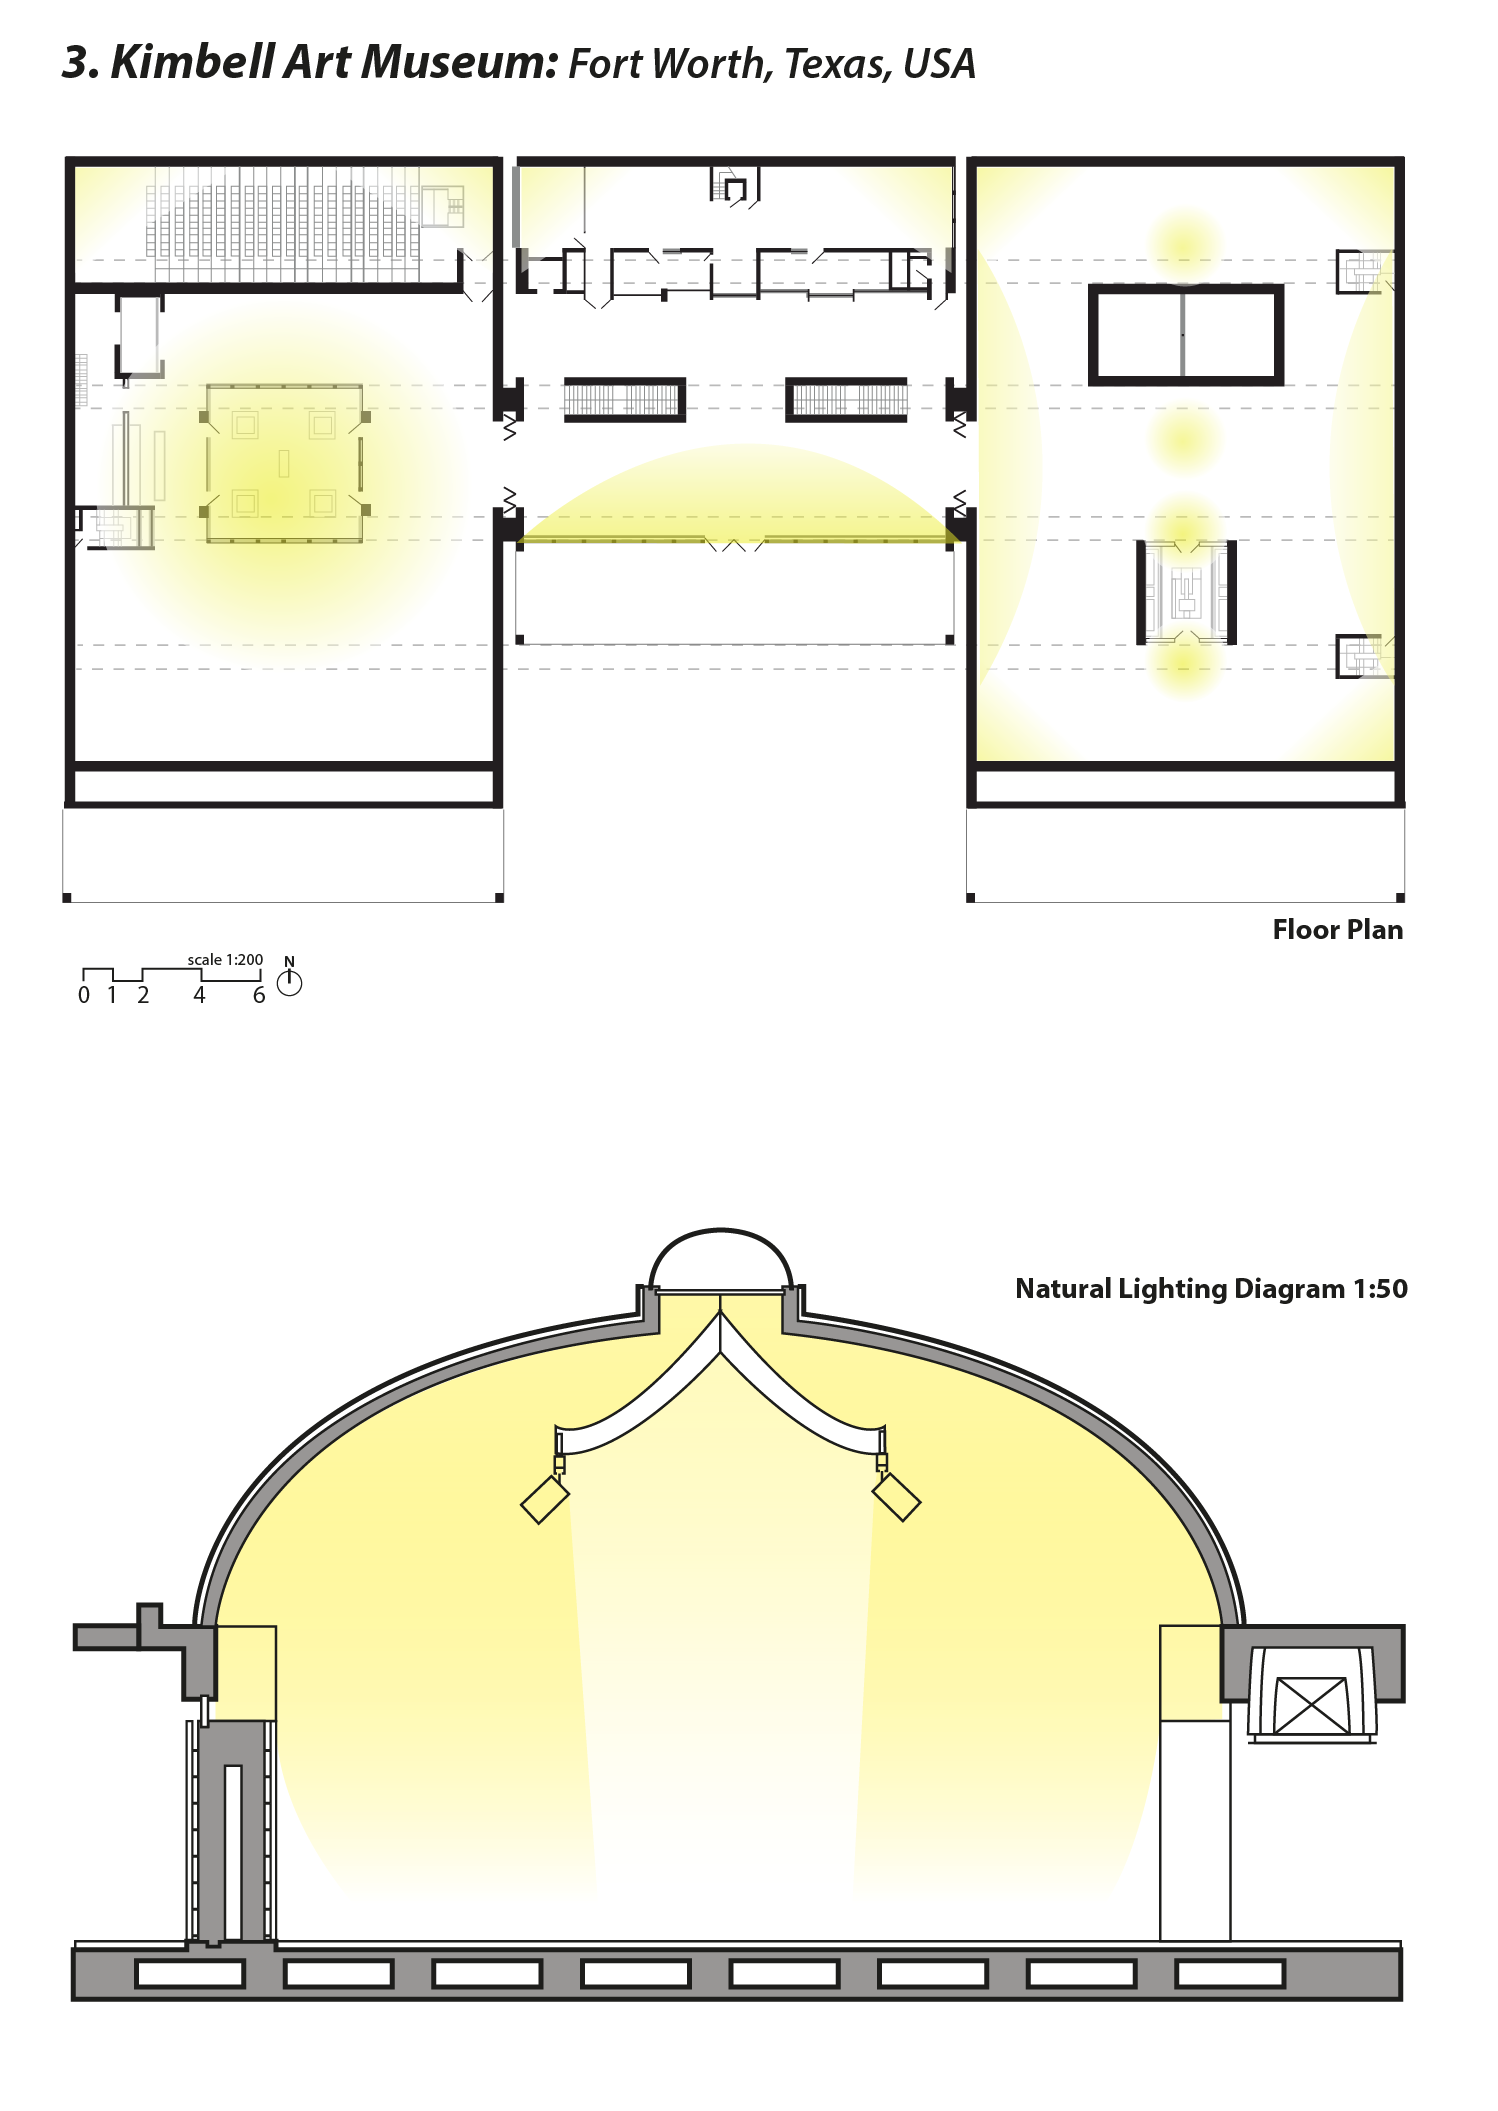 lighting plan diagram wiring diagram database movie lighting diagram lighting plan diagram [ 1498 x 2111 Pixel ]